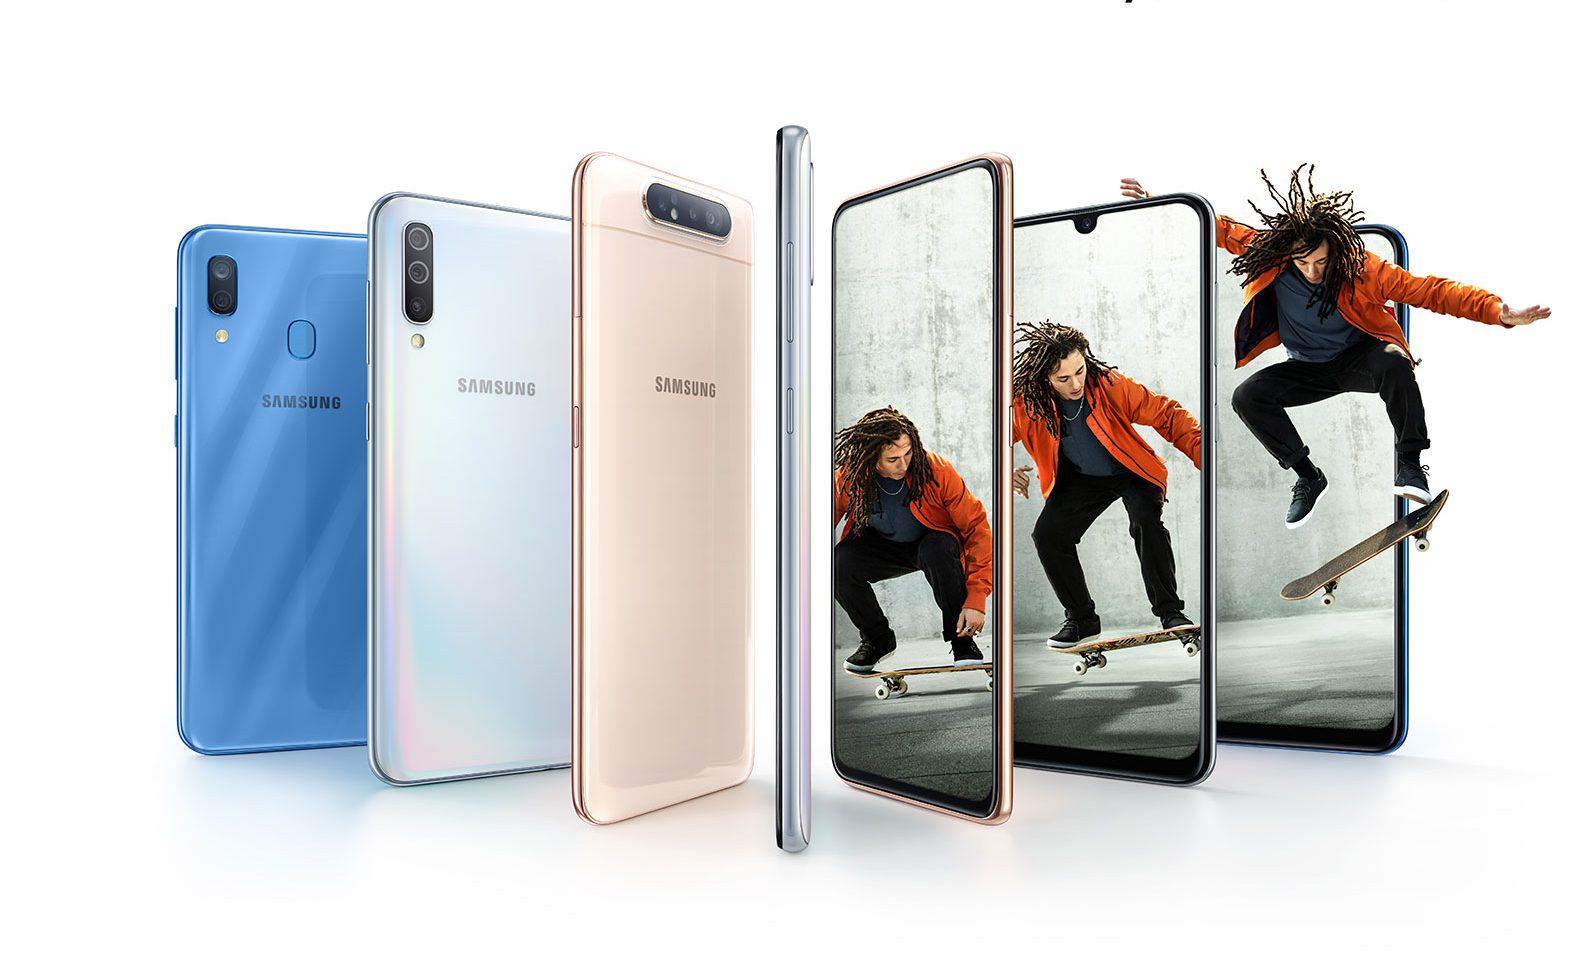 Galaxy A80 chính thức ra mắt: camera trượt xoay độc đáo, hiệu năng mạnh mẽ, lên kệ từ tháng 05/2019